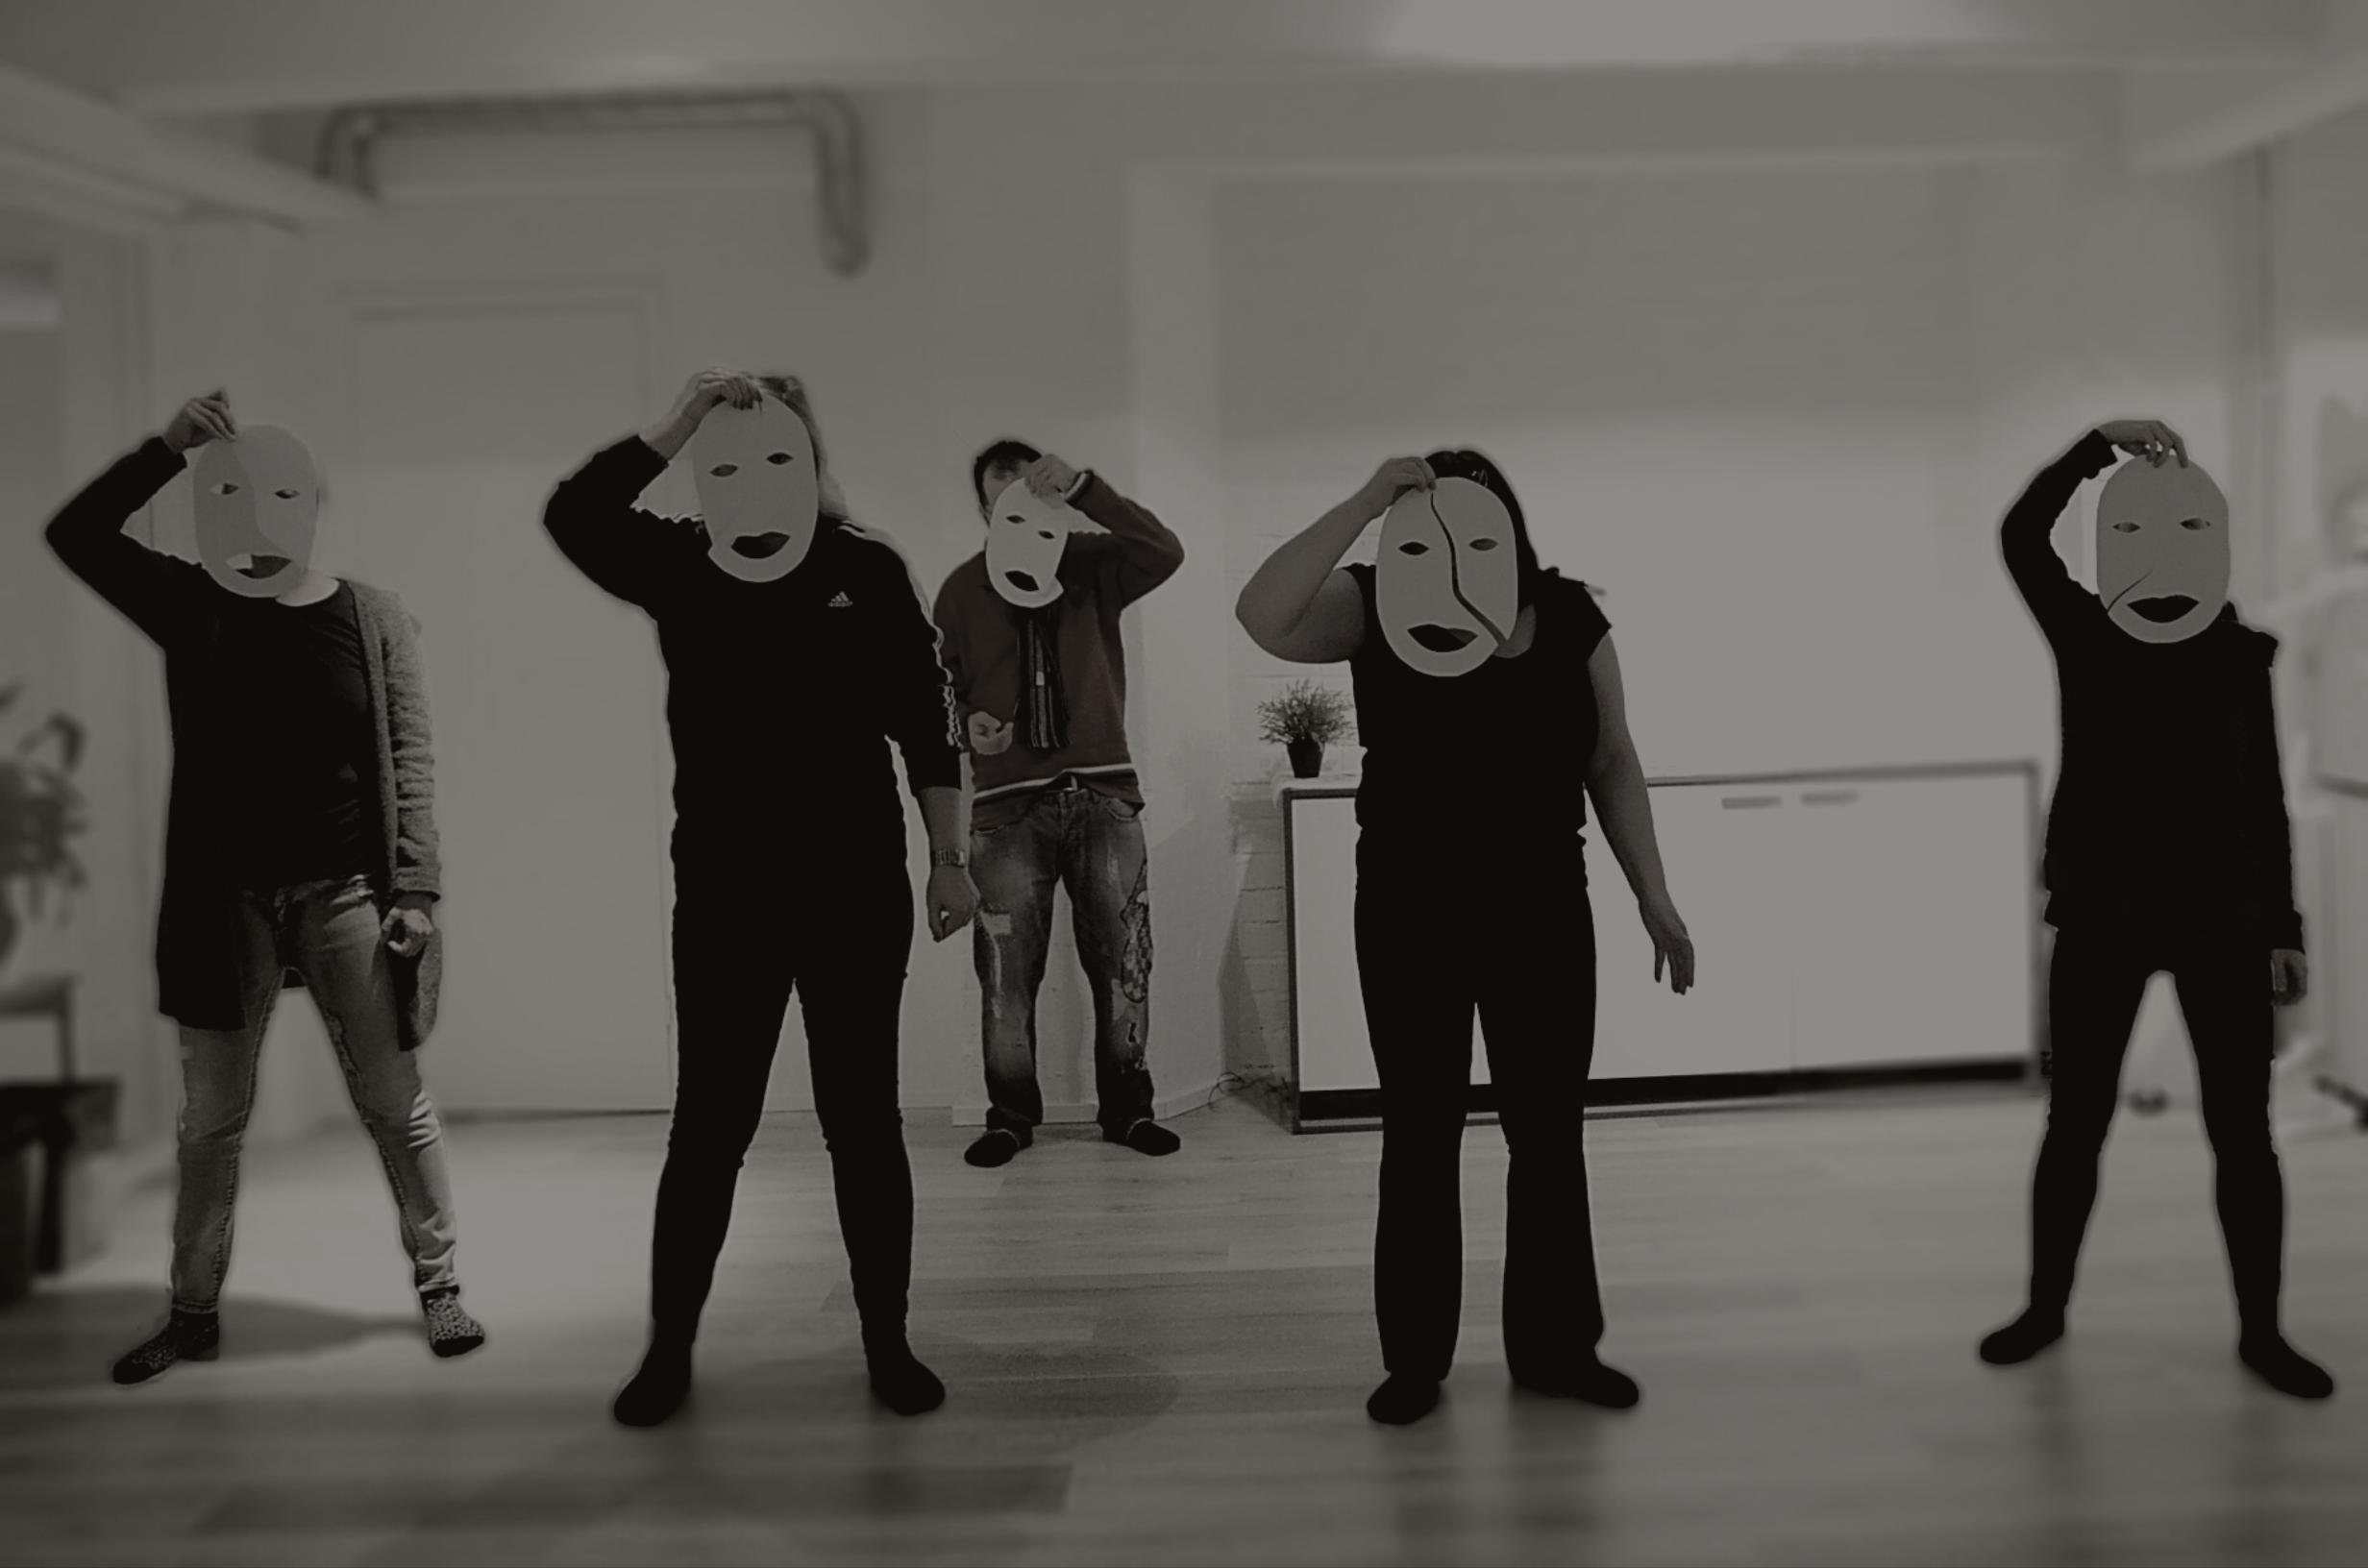 Viisi ihmistä pitää naamareita kasvojensa edessä tummasti valaistussa huoneessa